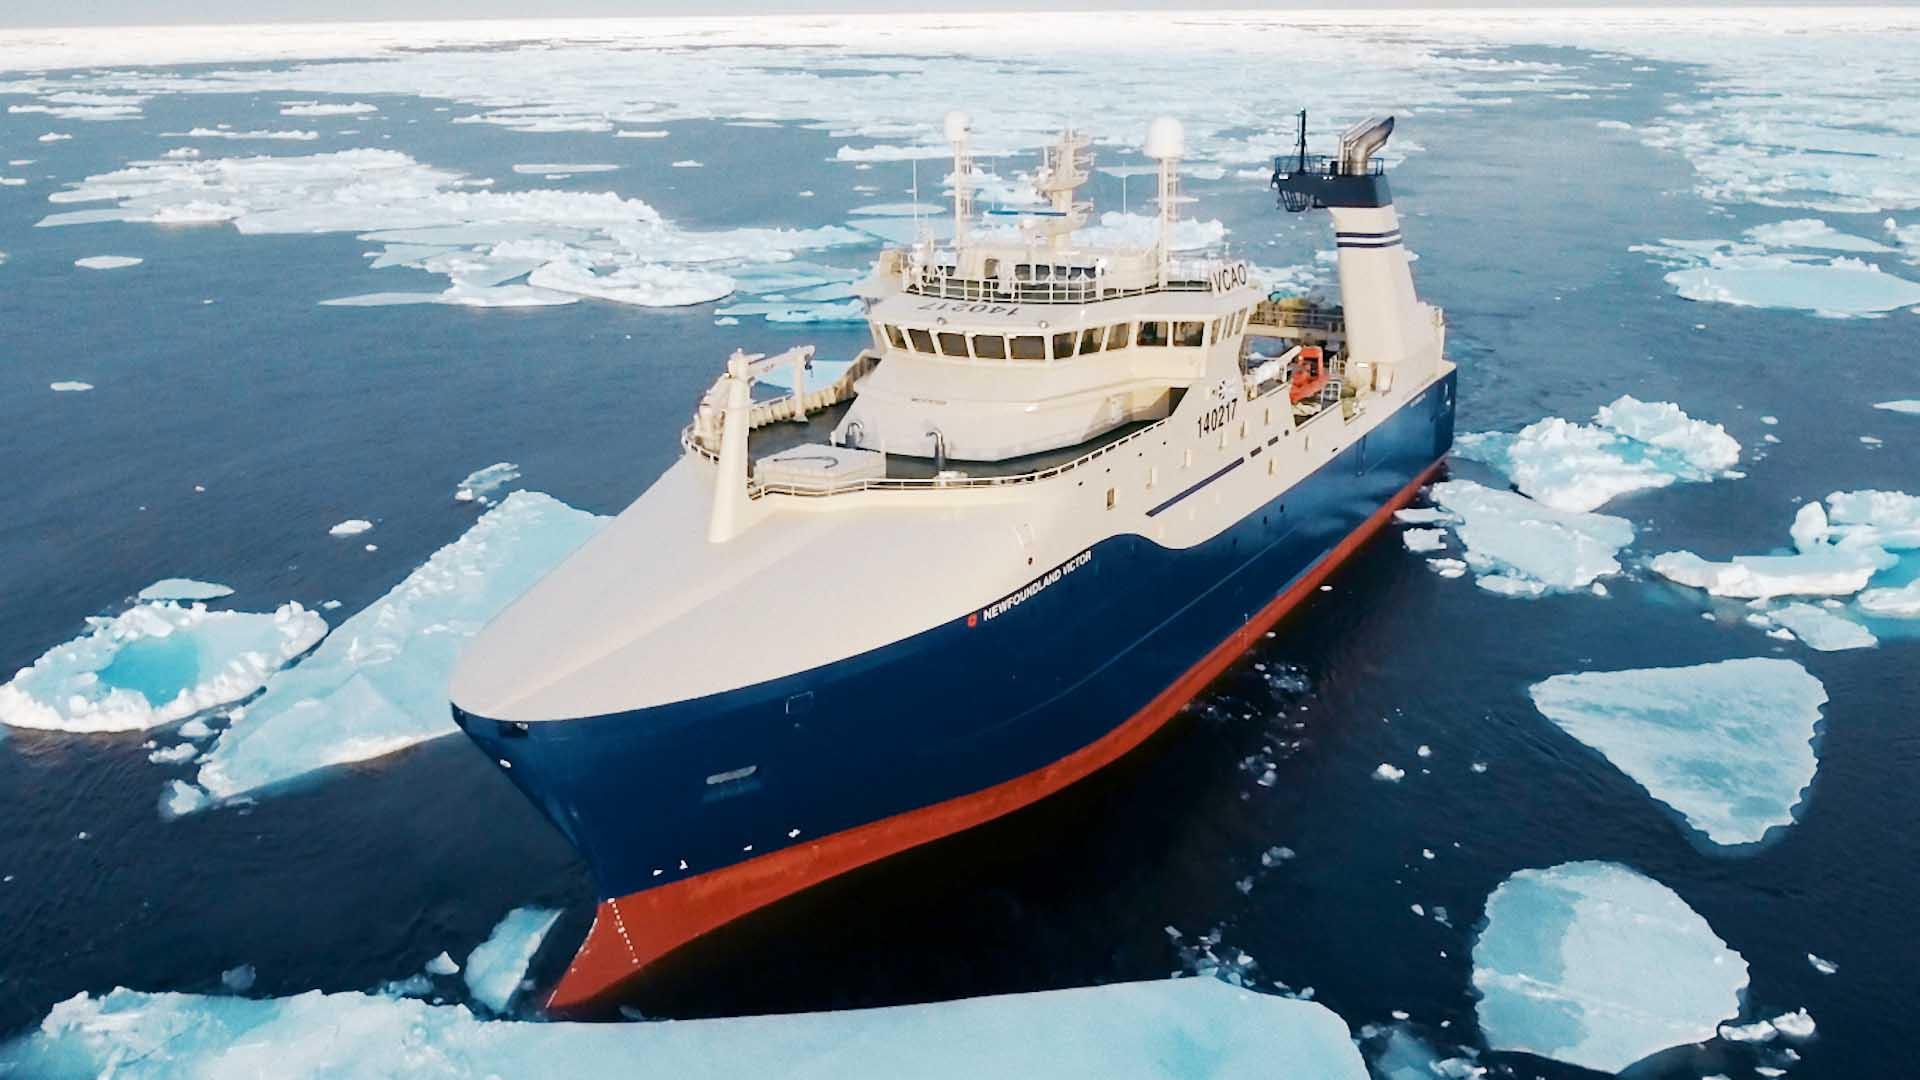 千吨级加拿大北极虾渔船,冬季破冰捕虾船上加工锁住虾肉新鲜!